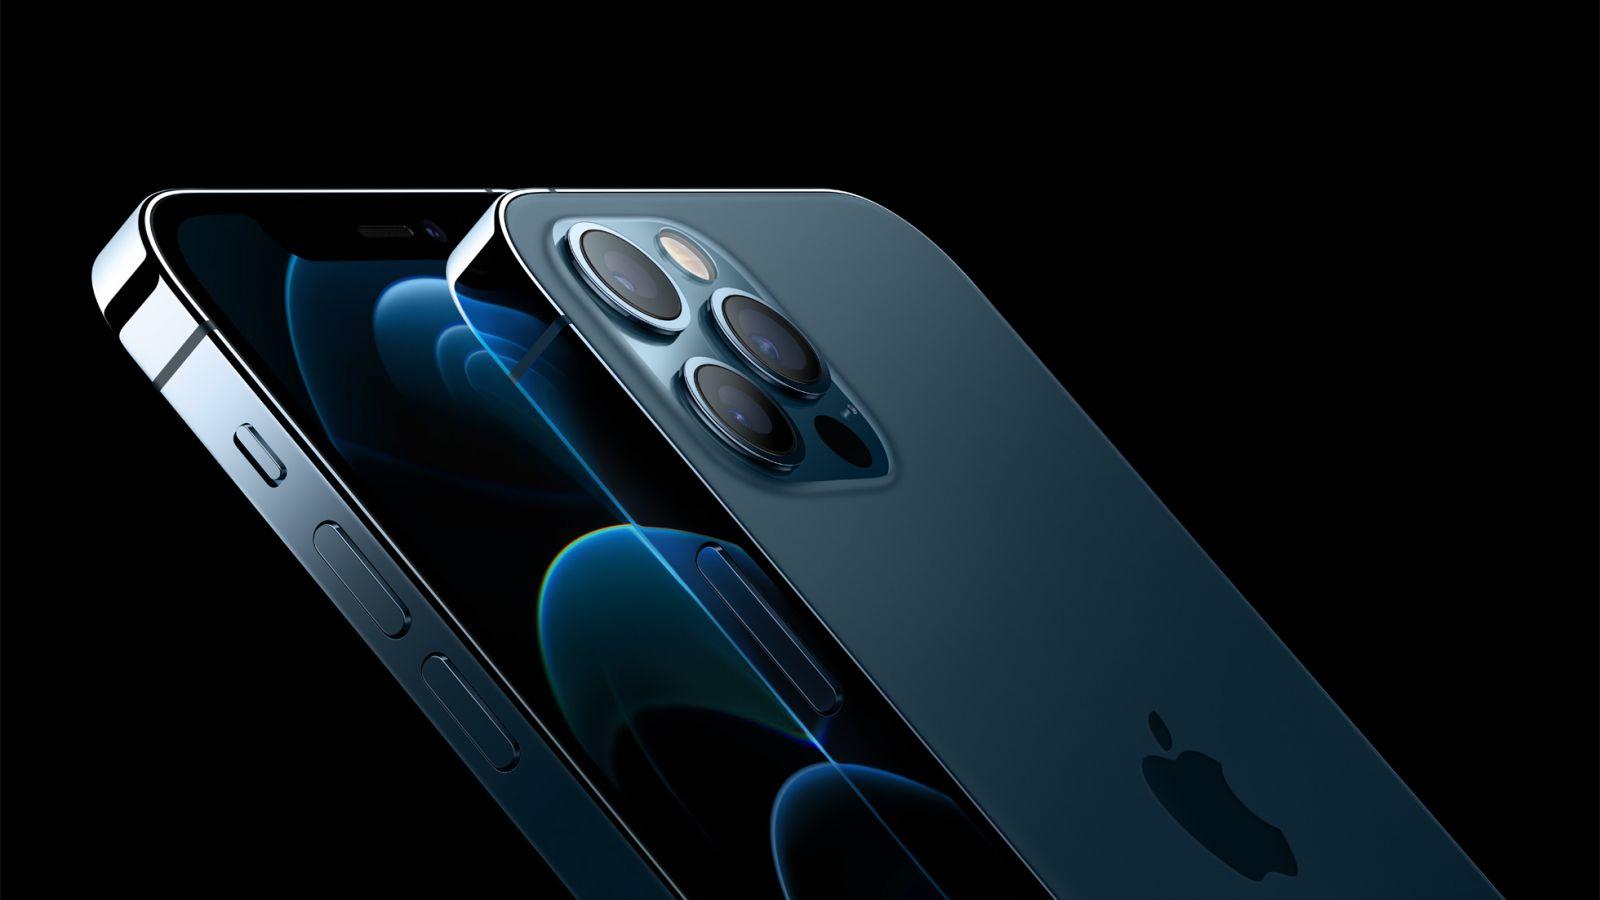 В Украине цена iPhone 12 будет стартовать от 25,5 тыс. грн